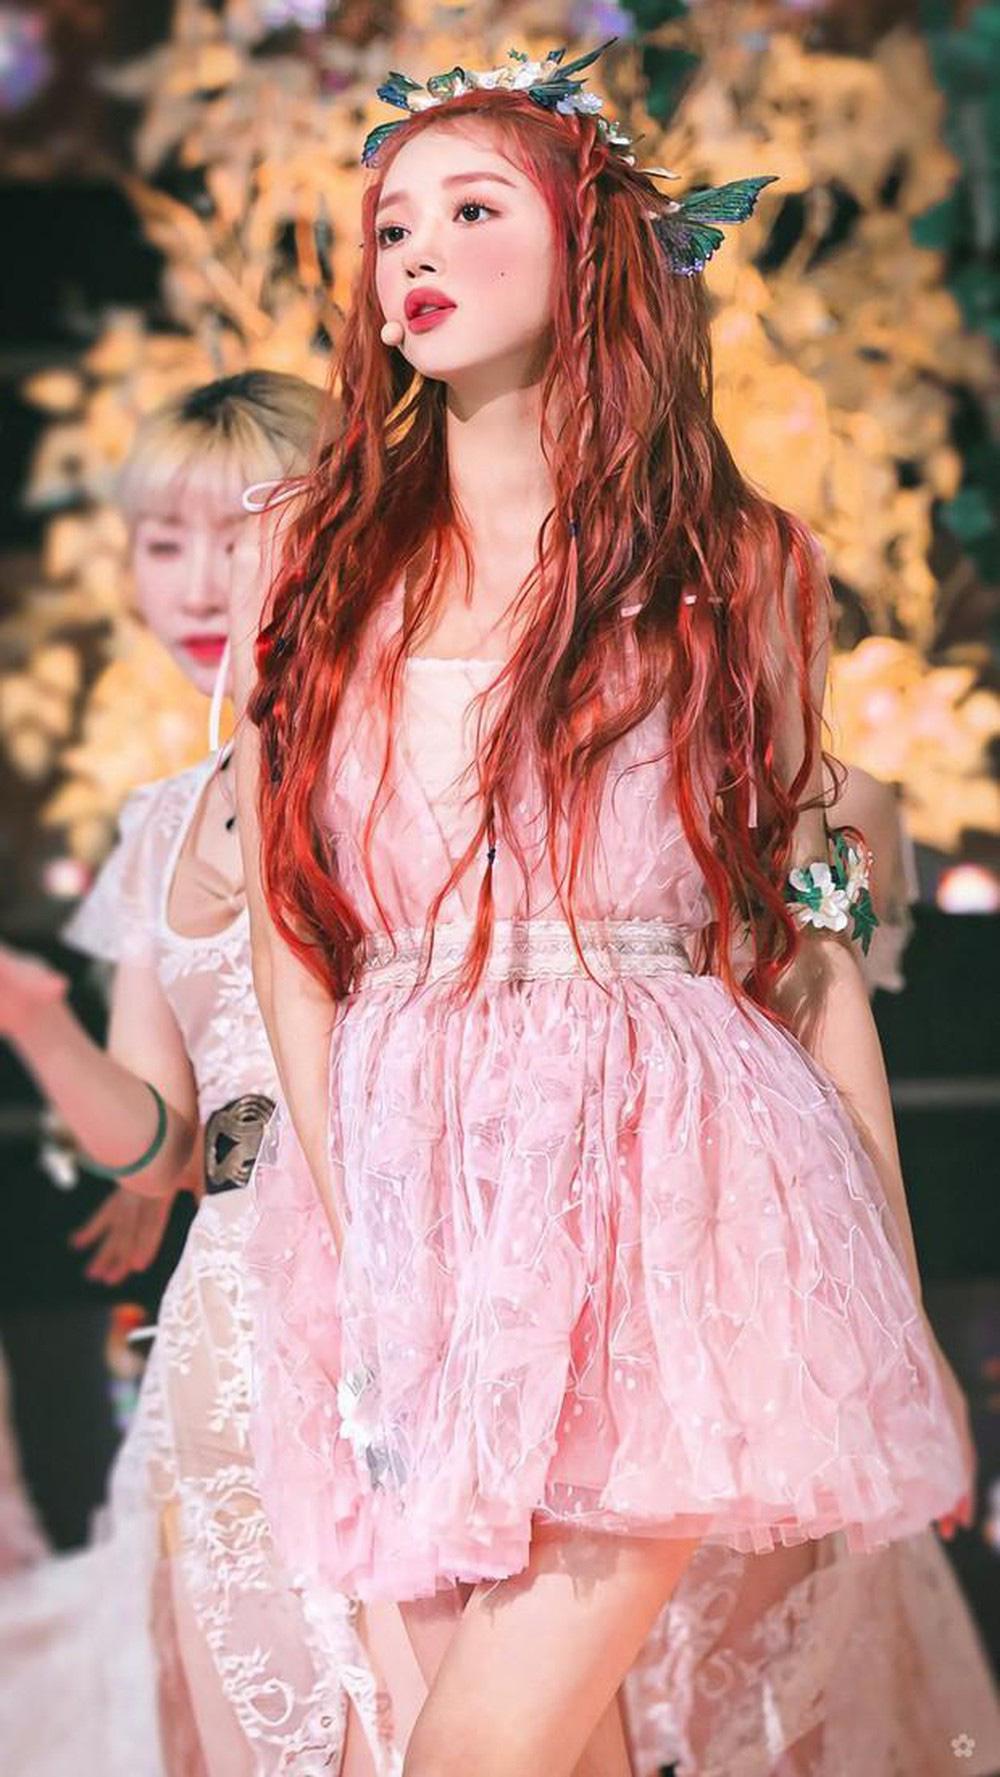 30 nữ idol Kpop hot nhất hiện nay: BLACKPINK đua top trở lại hậu comeback, thứ hạng TWICE và Red Velvet quá khó hiểu - Ảnh 6.